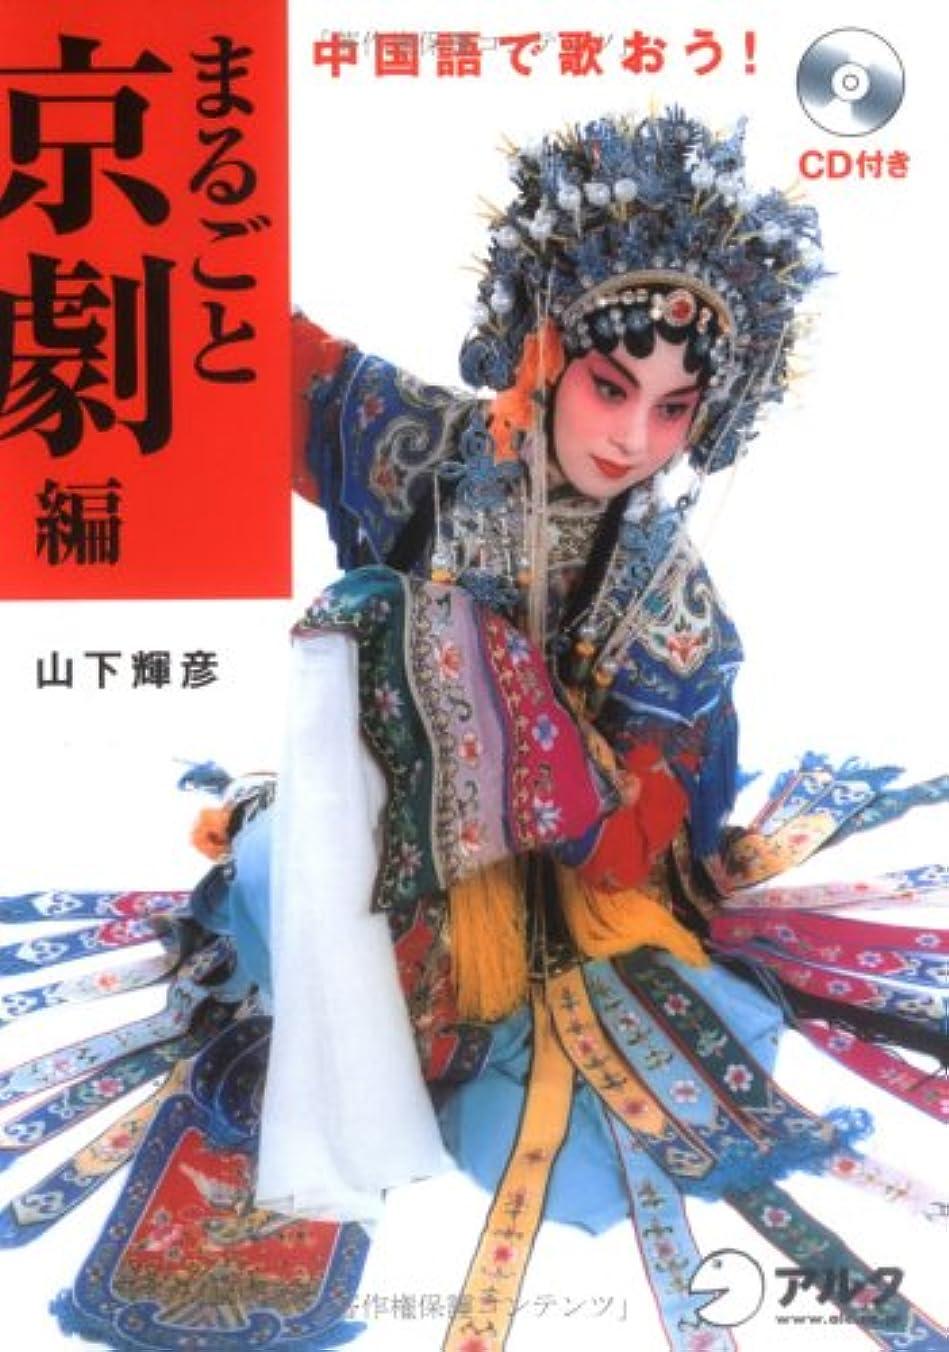 デモンストレーションアブストラクト統計的中国語で歌おう!まるごと京劇編